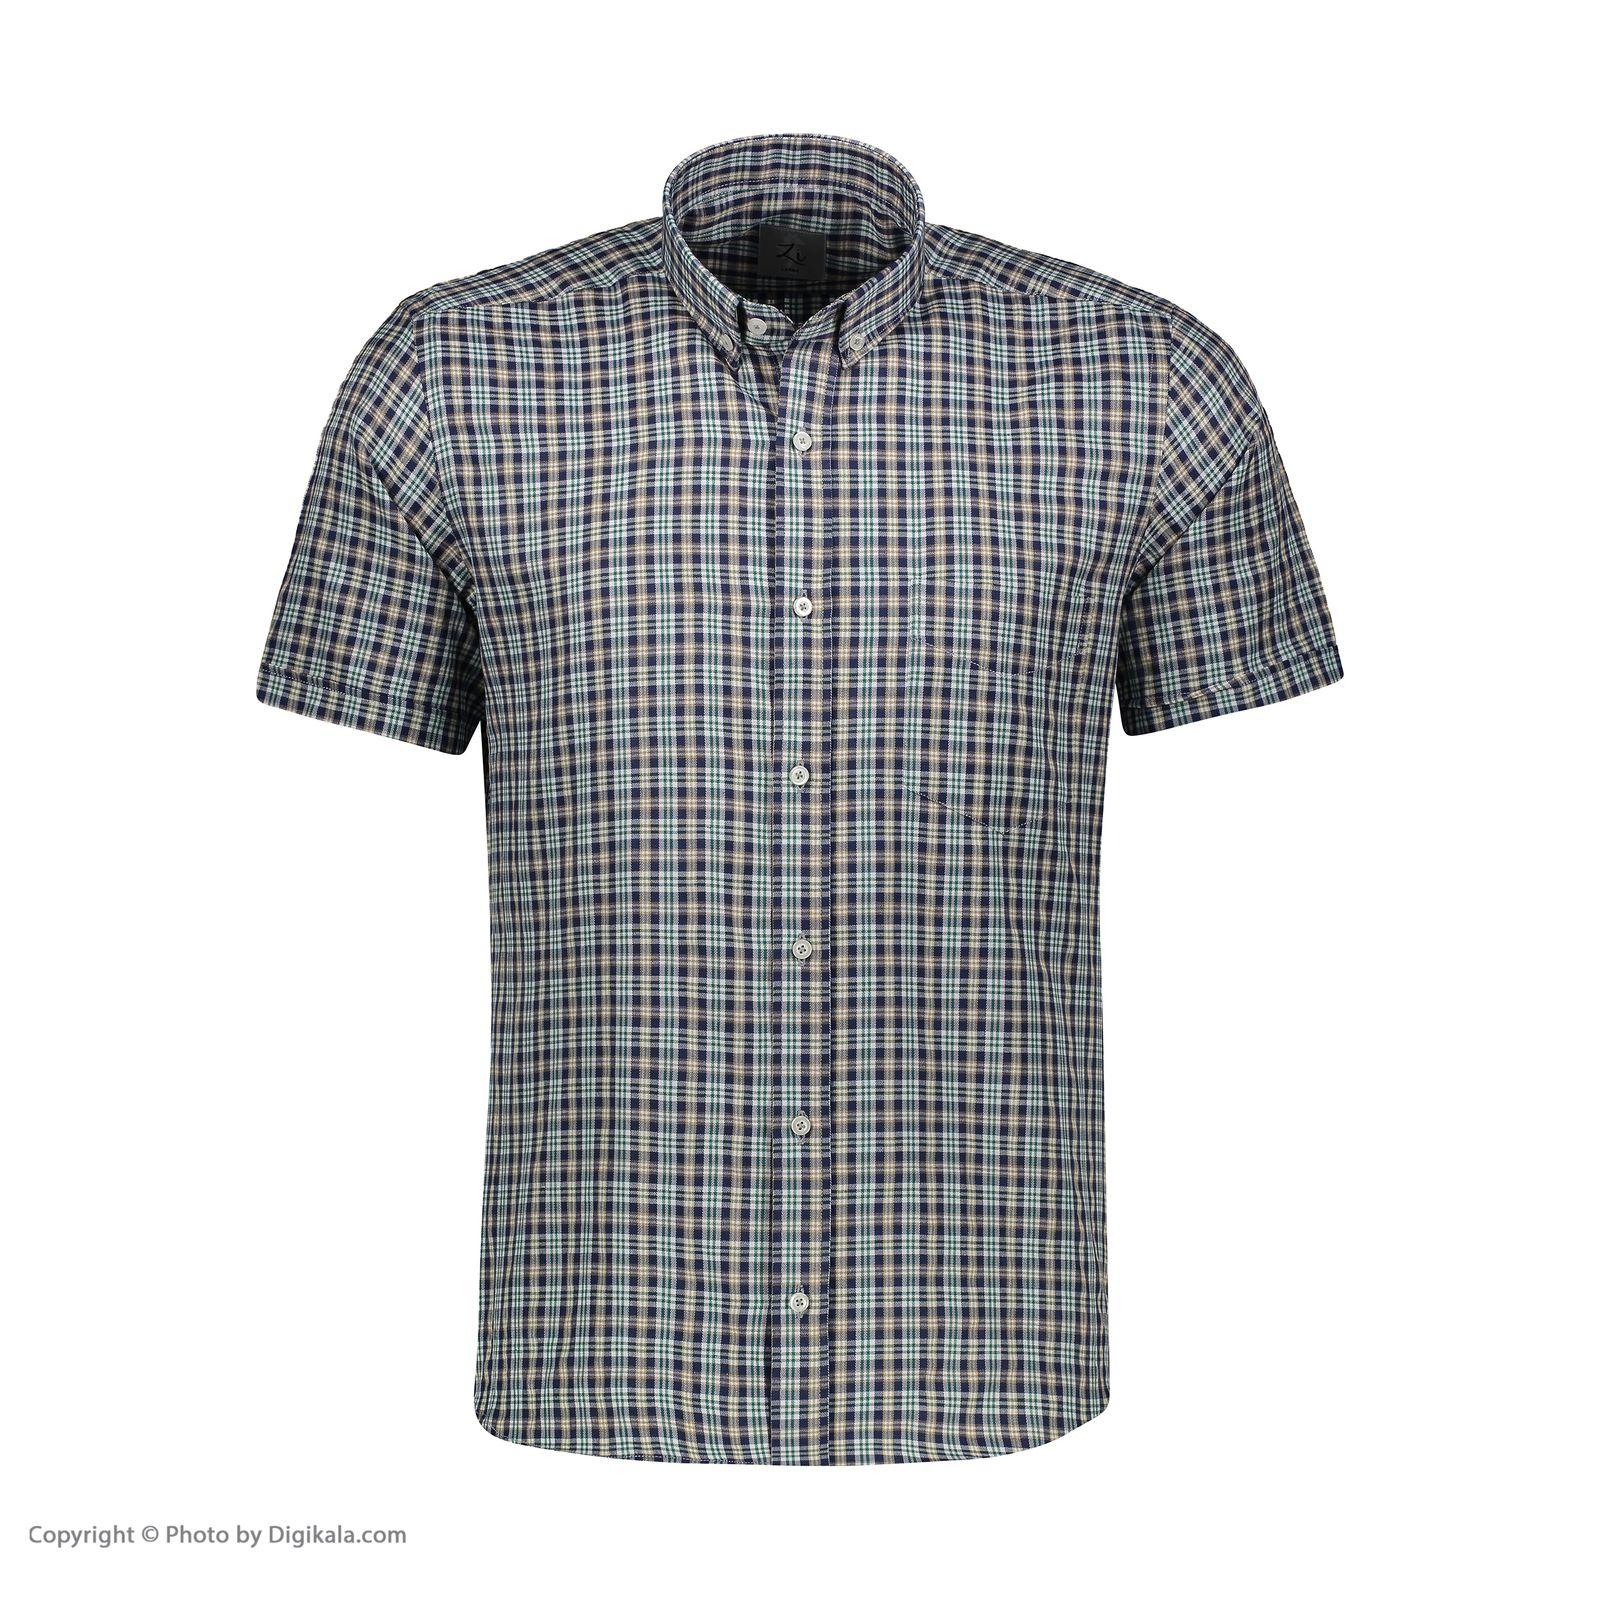 پیراهن مردانه زی مدل 1531189ML -  - 1